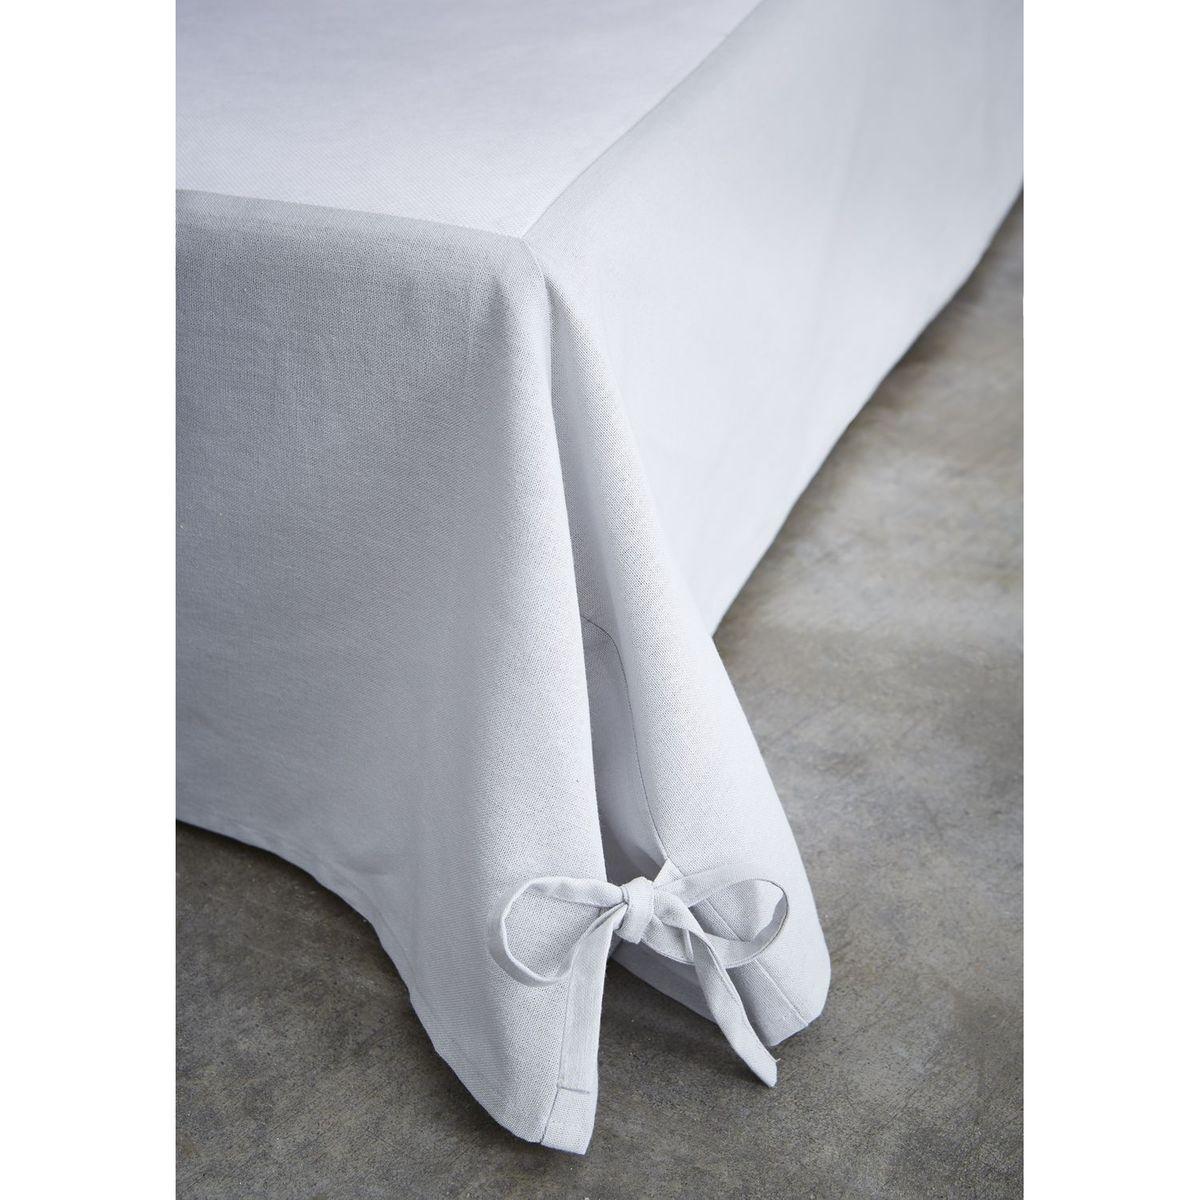 Cache sommier avec nouettes - 140 x 190 cm